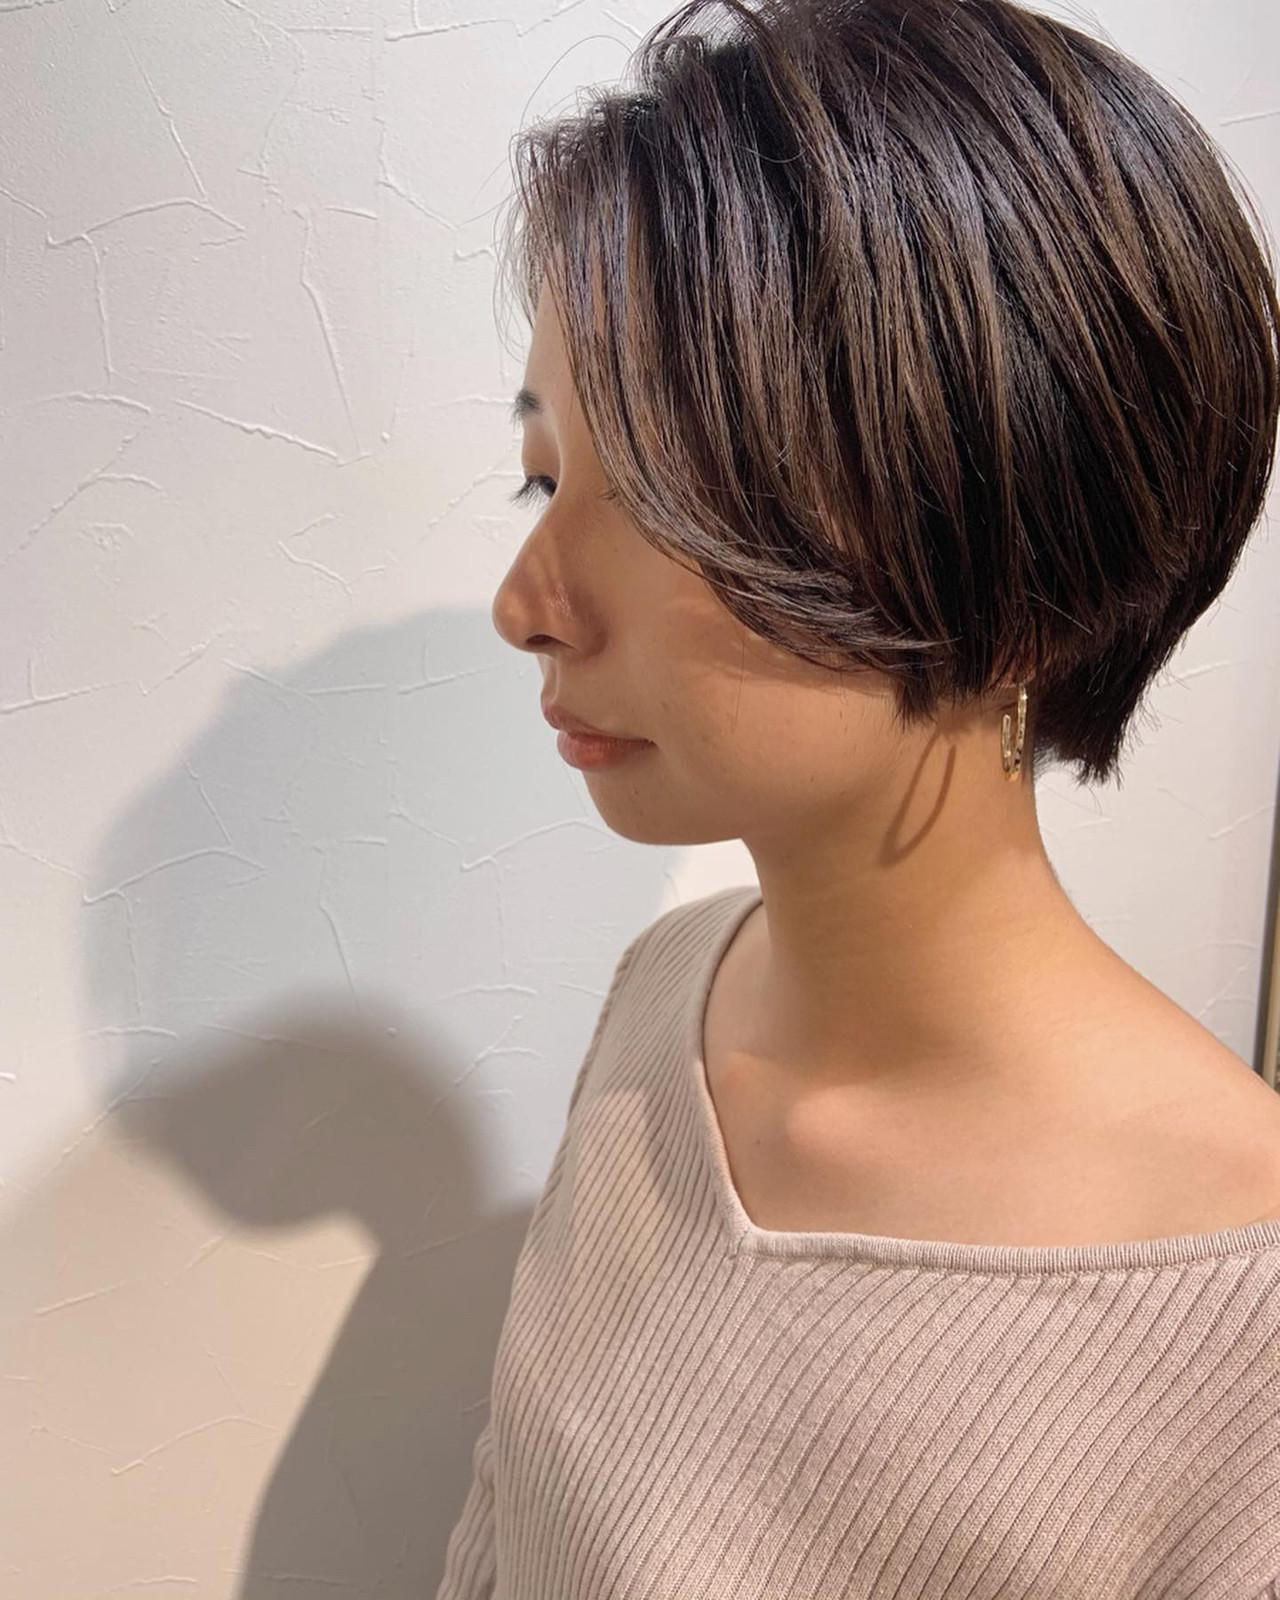 ショートヘア ベリーショート マッシュショート 小顔ショート ヘアスタイルや髪型の写真・画像